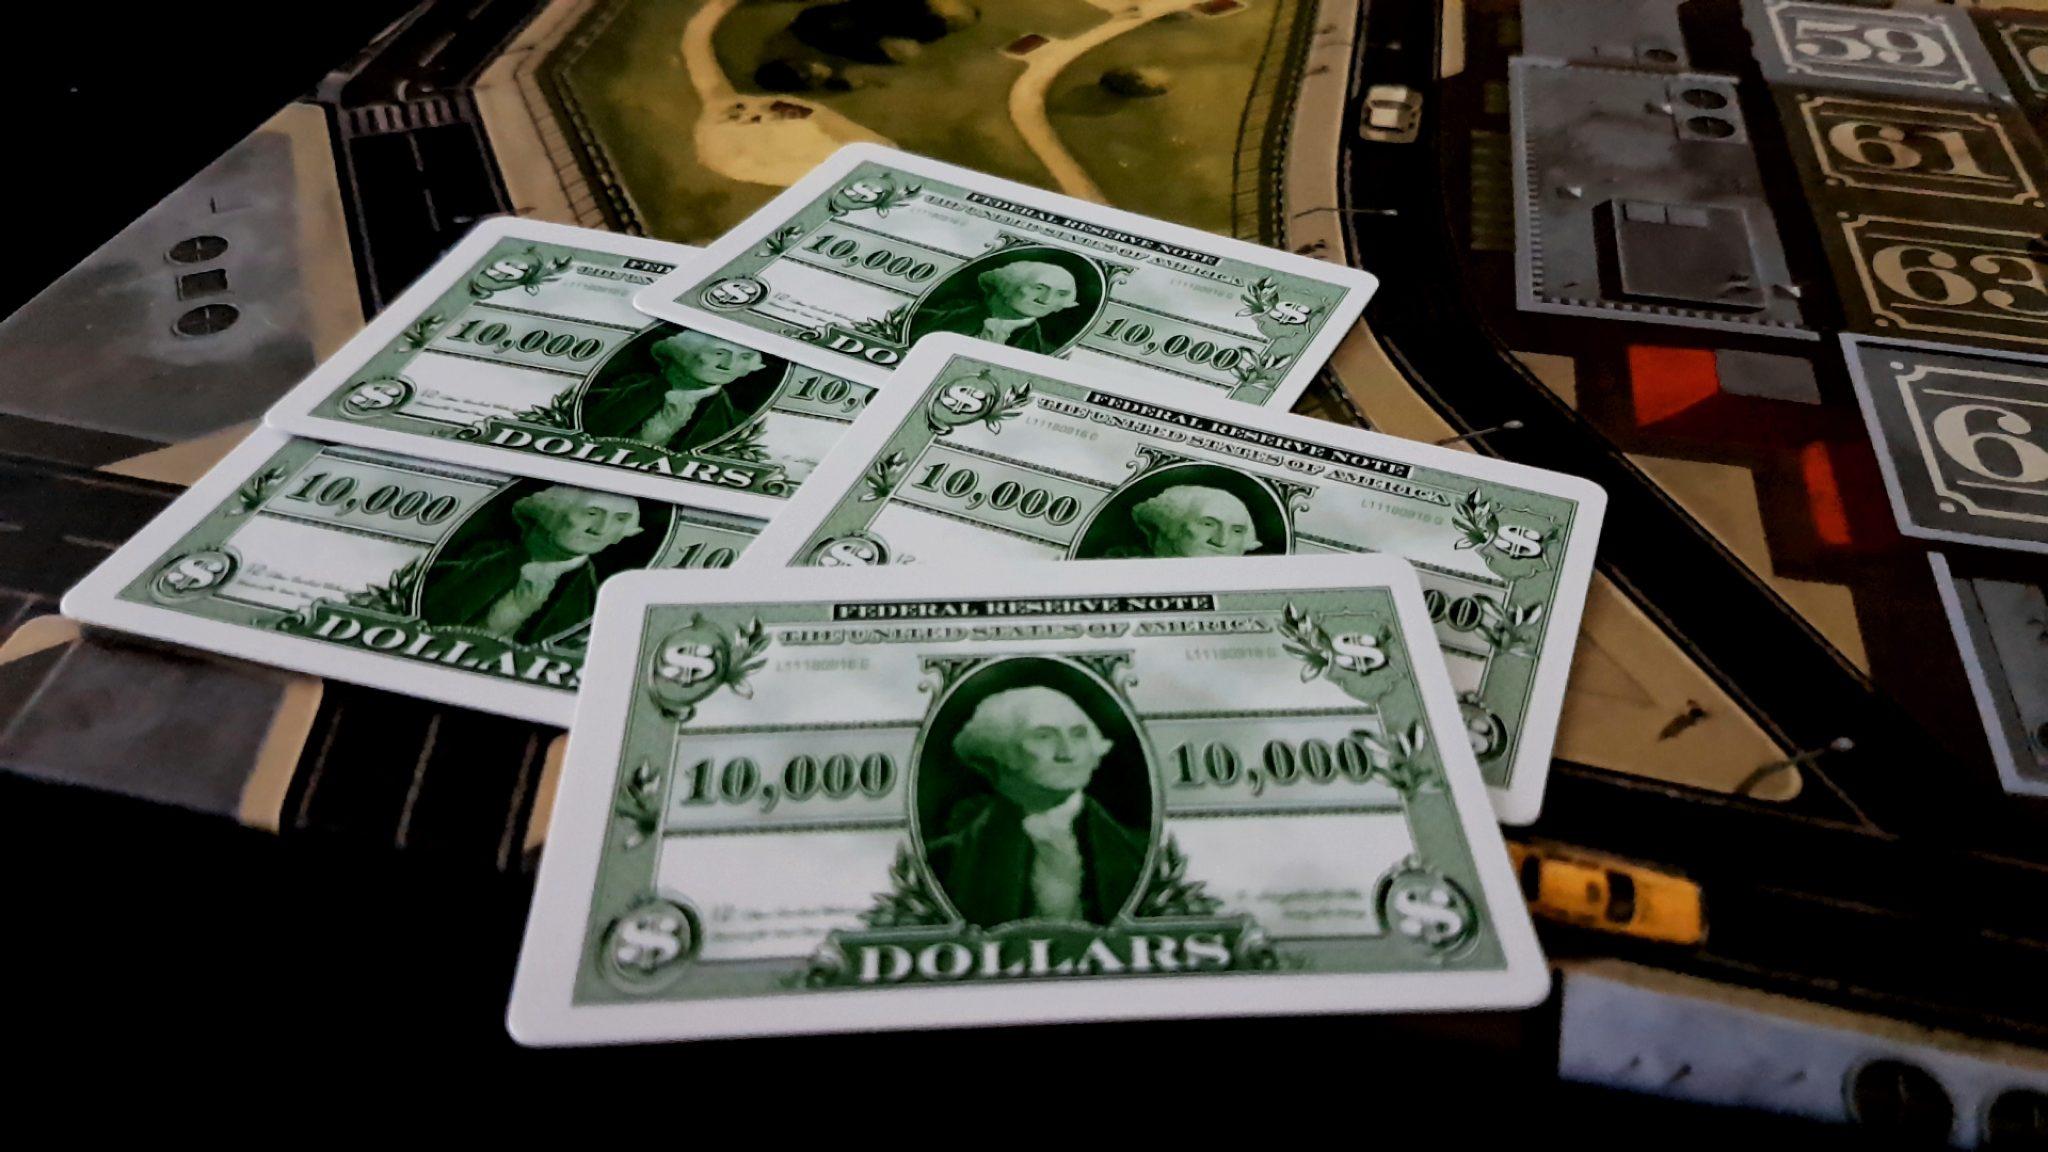 Chinatown money